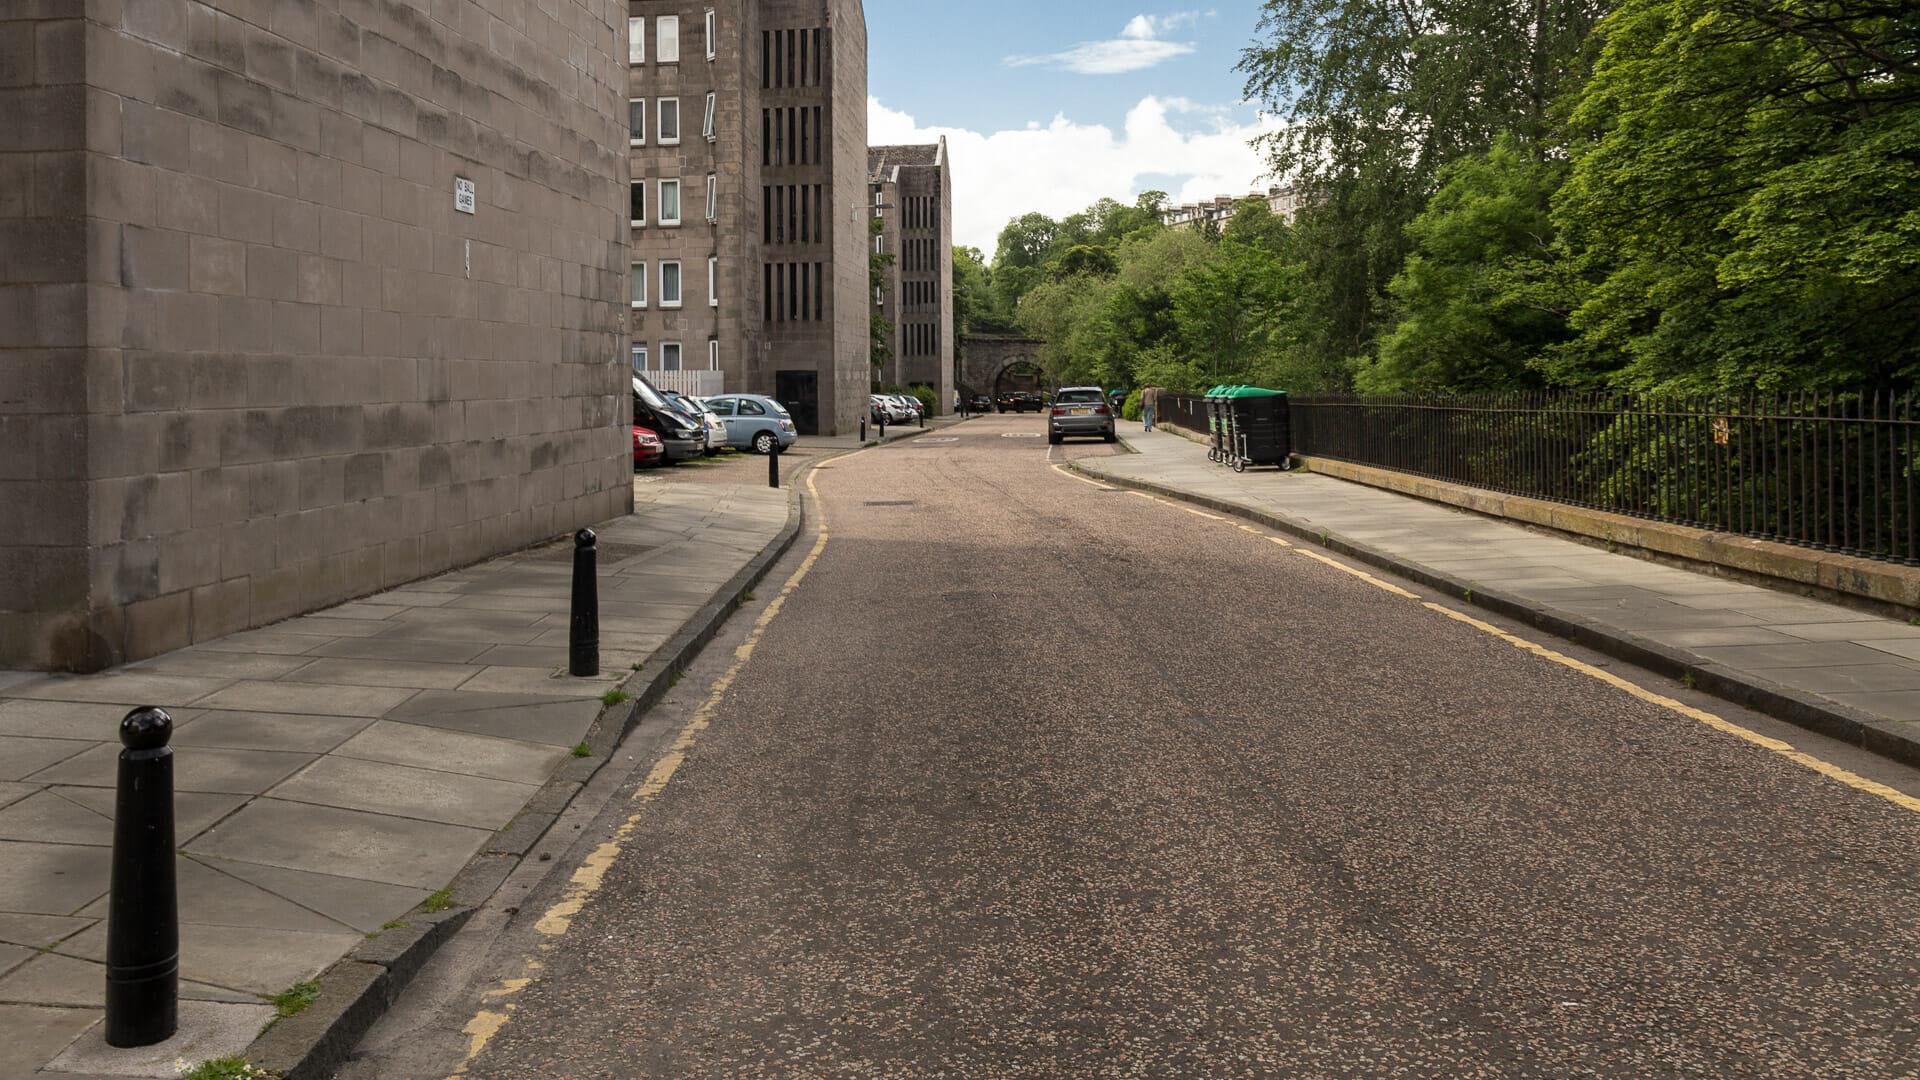 Saunders Street